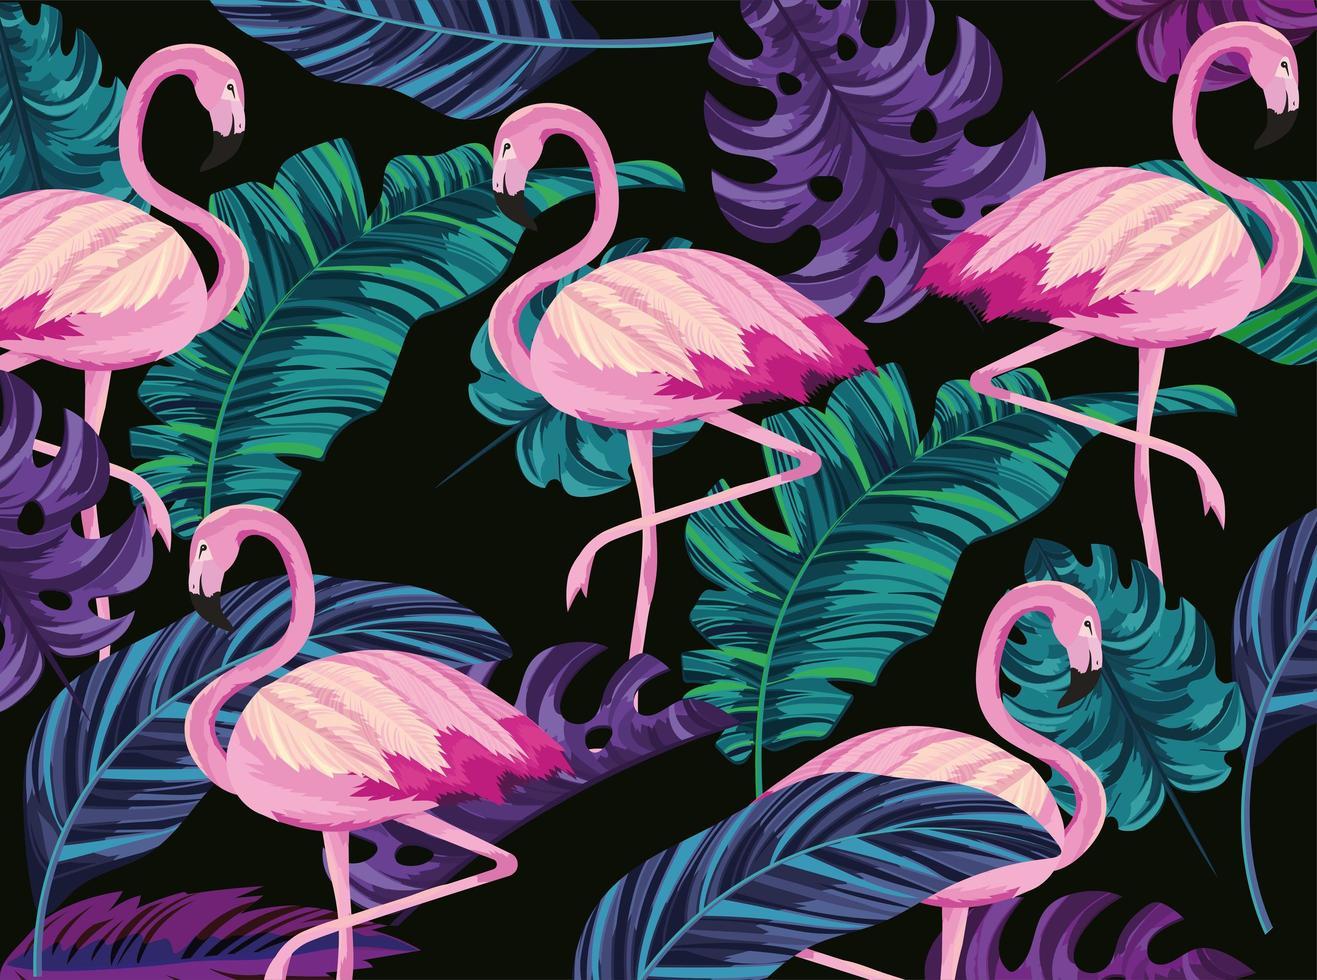 flamants exotiques et fond de feuilles tropicales vecteur